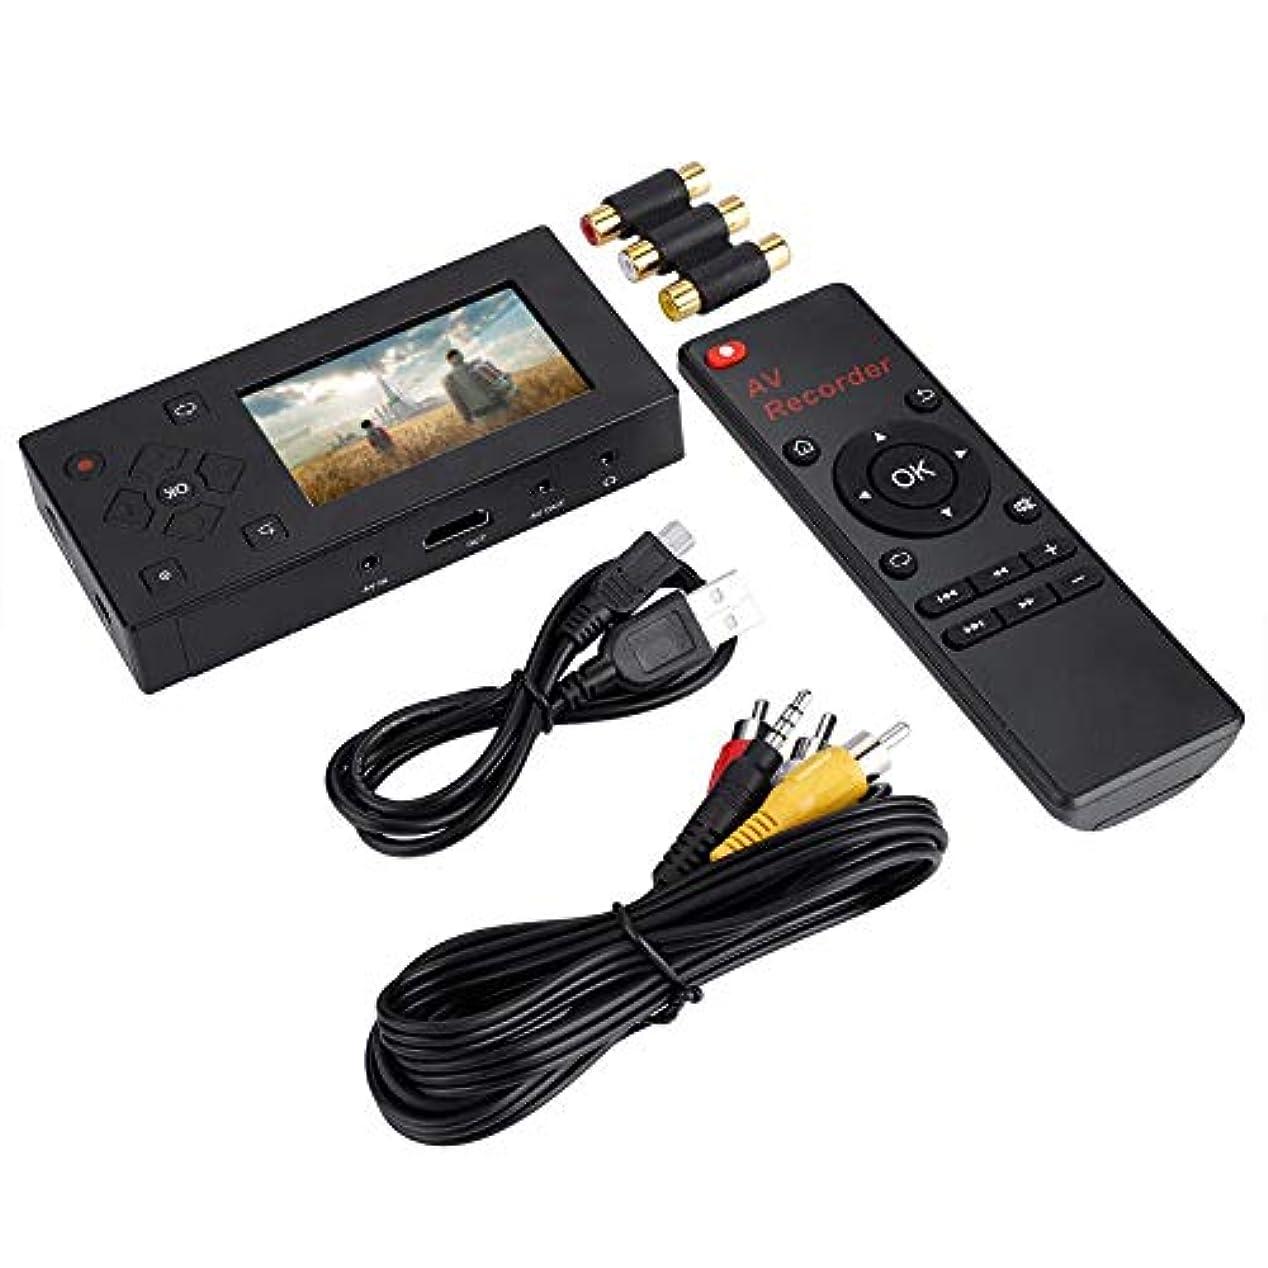 苦い困惑騙すカムコーダーAVレコーダーテープコンバーター 簡単ビデオダビング 液晶搭載ビデオレコーダー テープカメラ用テーププレーヤー用